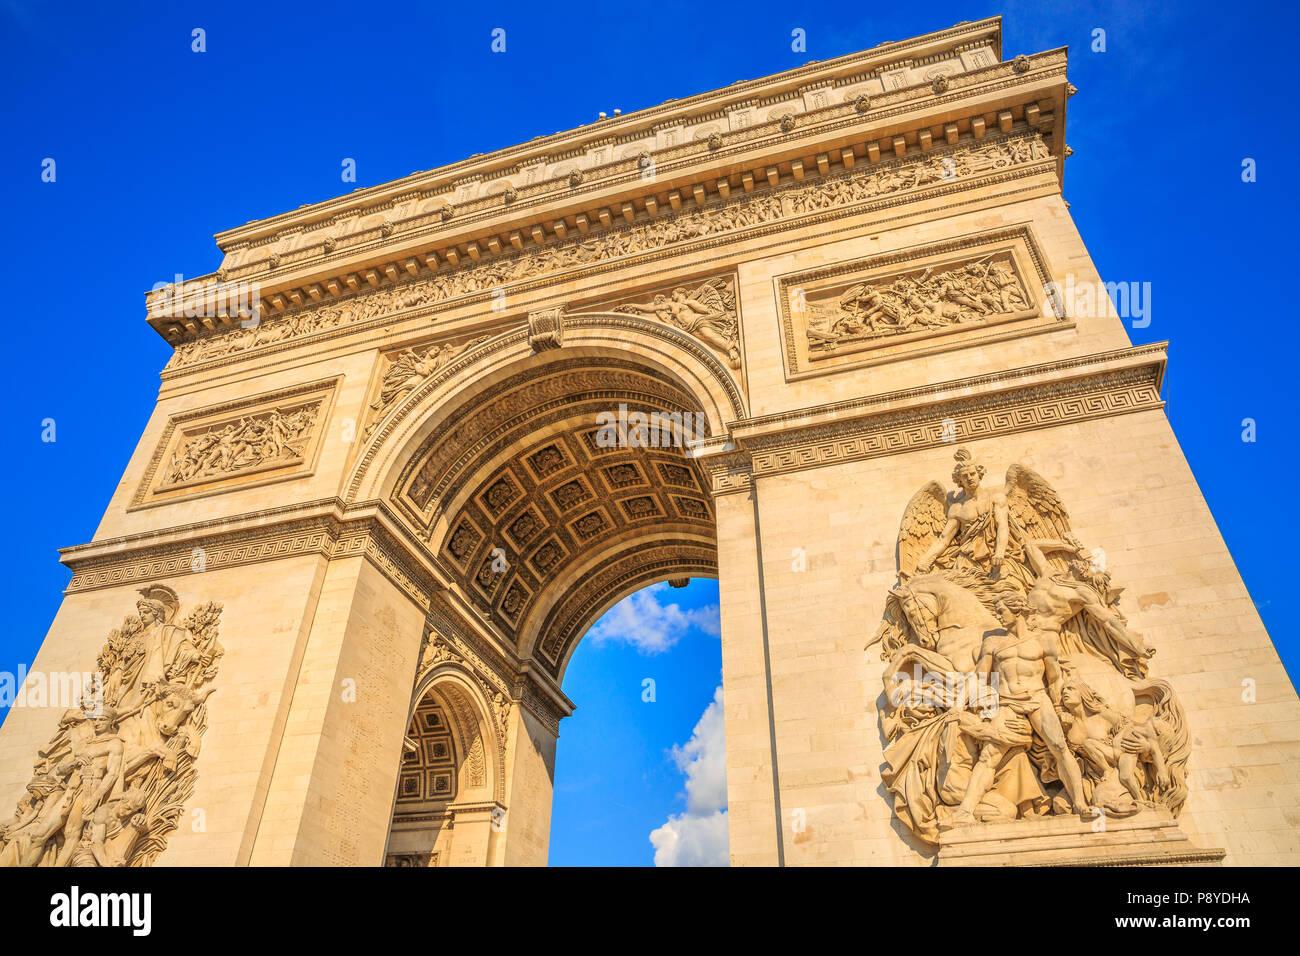 Vista inferior del Arco de Triunfo, en el centro de la plaza Charles de Gaulle en un hermoso día soleado con el cielo azul. Hito popular y famosa atracción turística en París, capital de Francia en Europa. Imagen De Stock